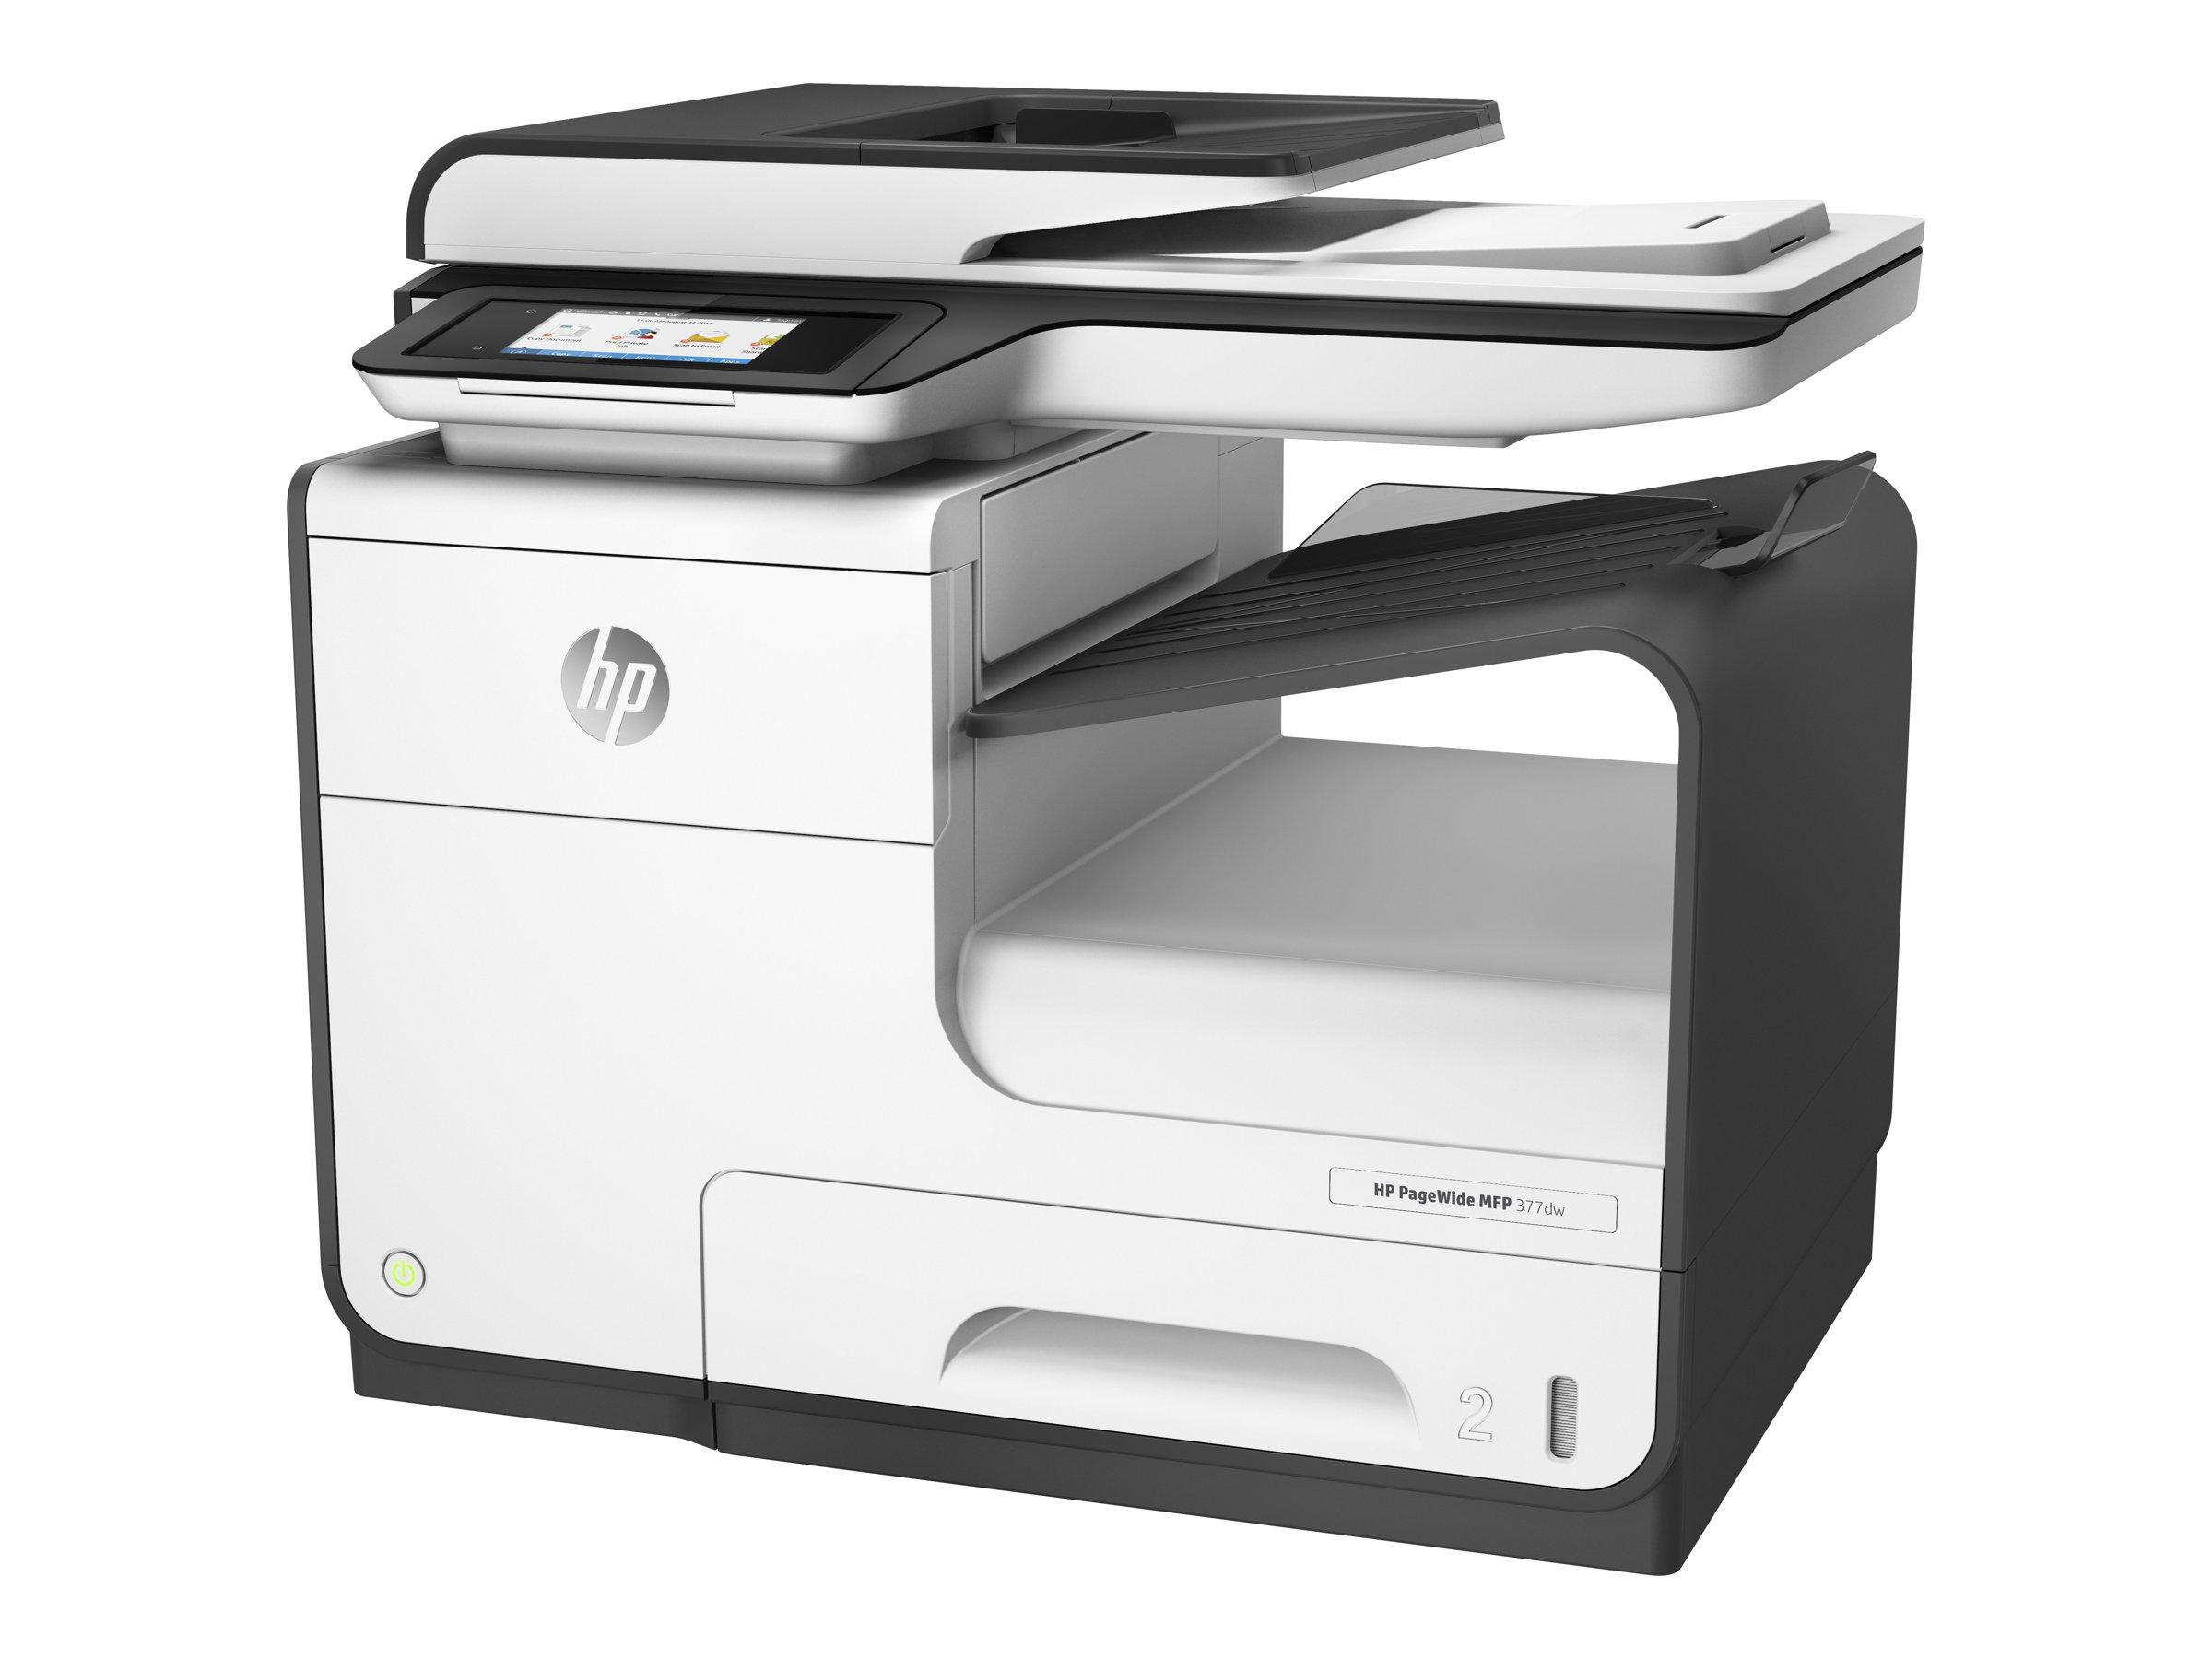 HP PageWide MFP 377dw - Multifunktionsdrucker - Farbe - seitenbreite Palette - Legal (216 x 356 mm) (Original) - A4/Legal (Medie